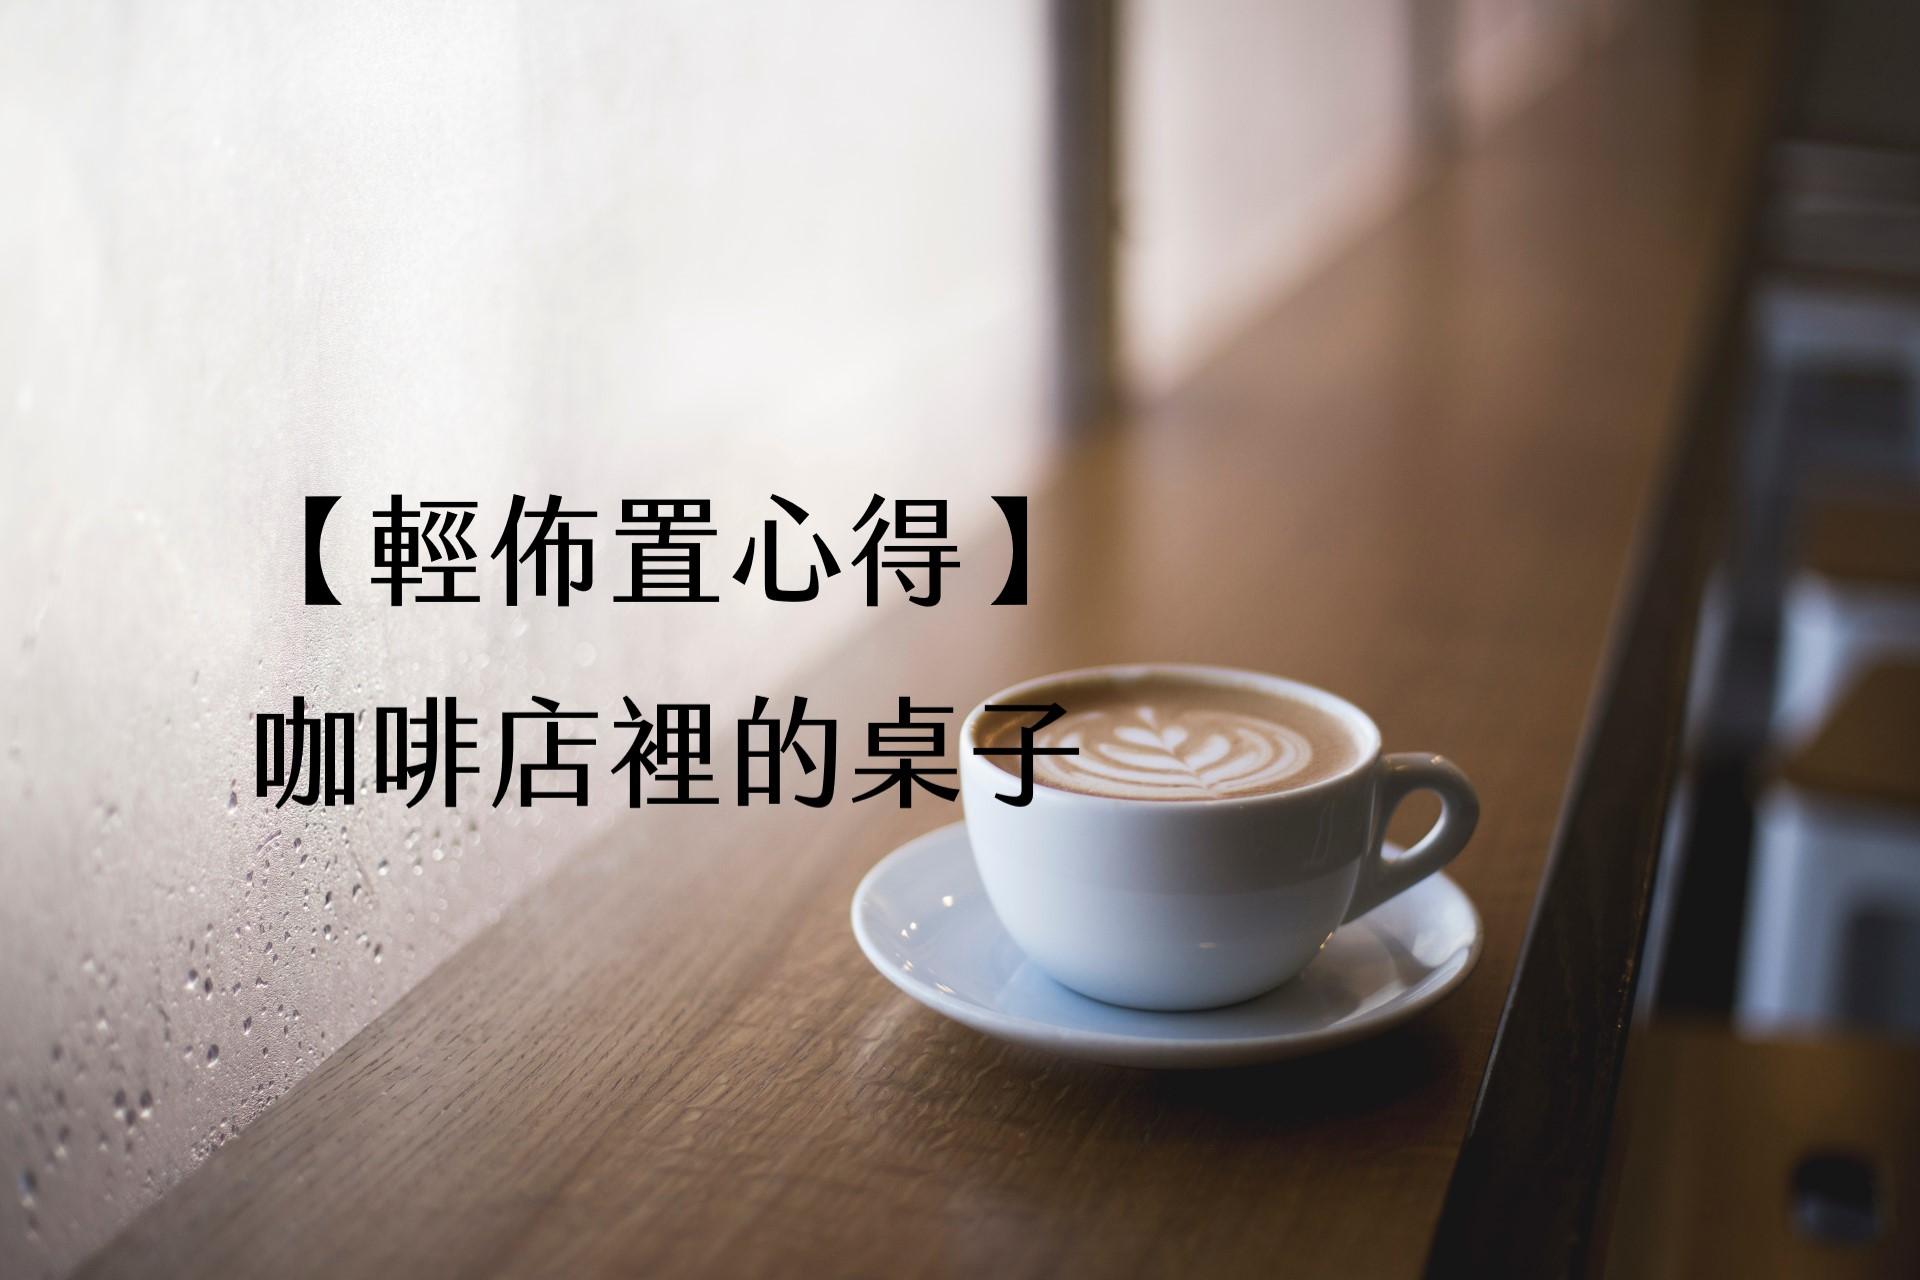 咖啡店裡的桌子